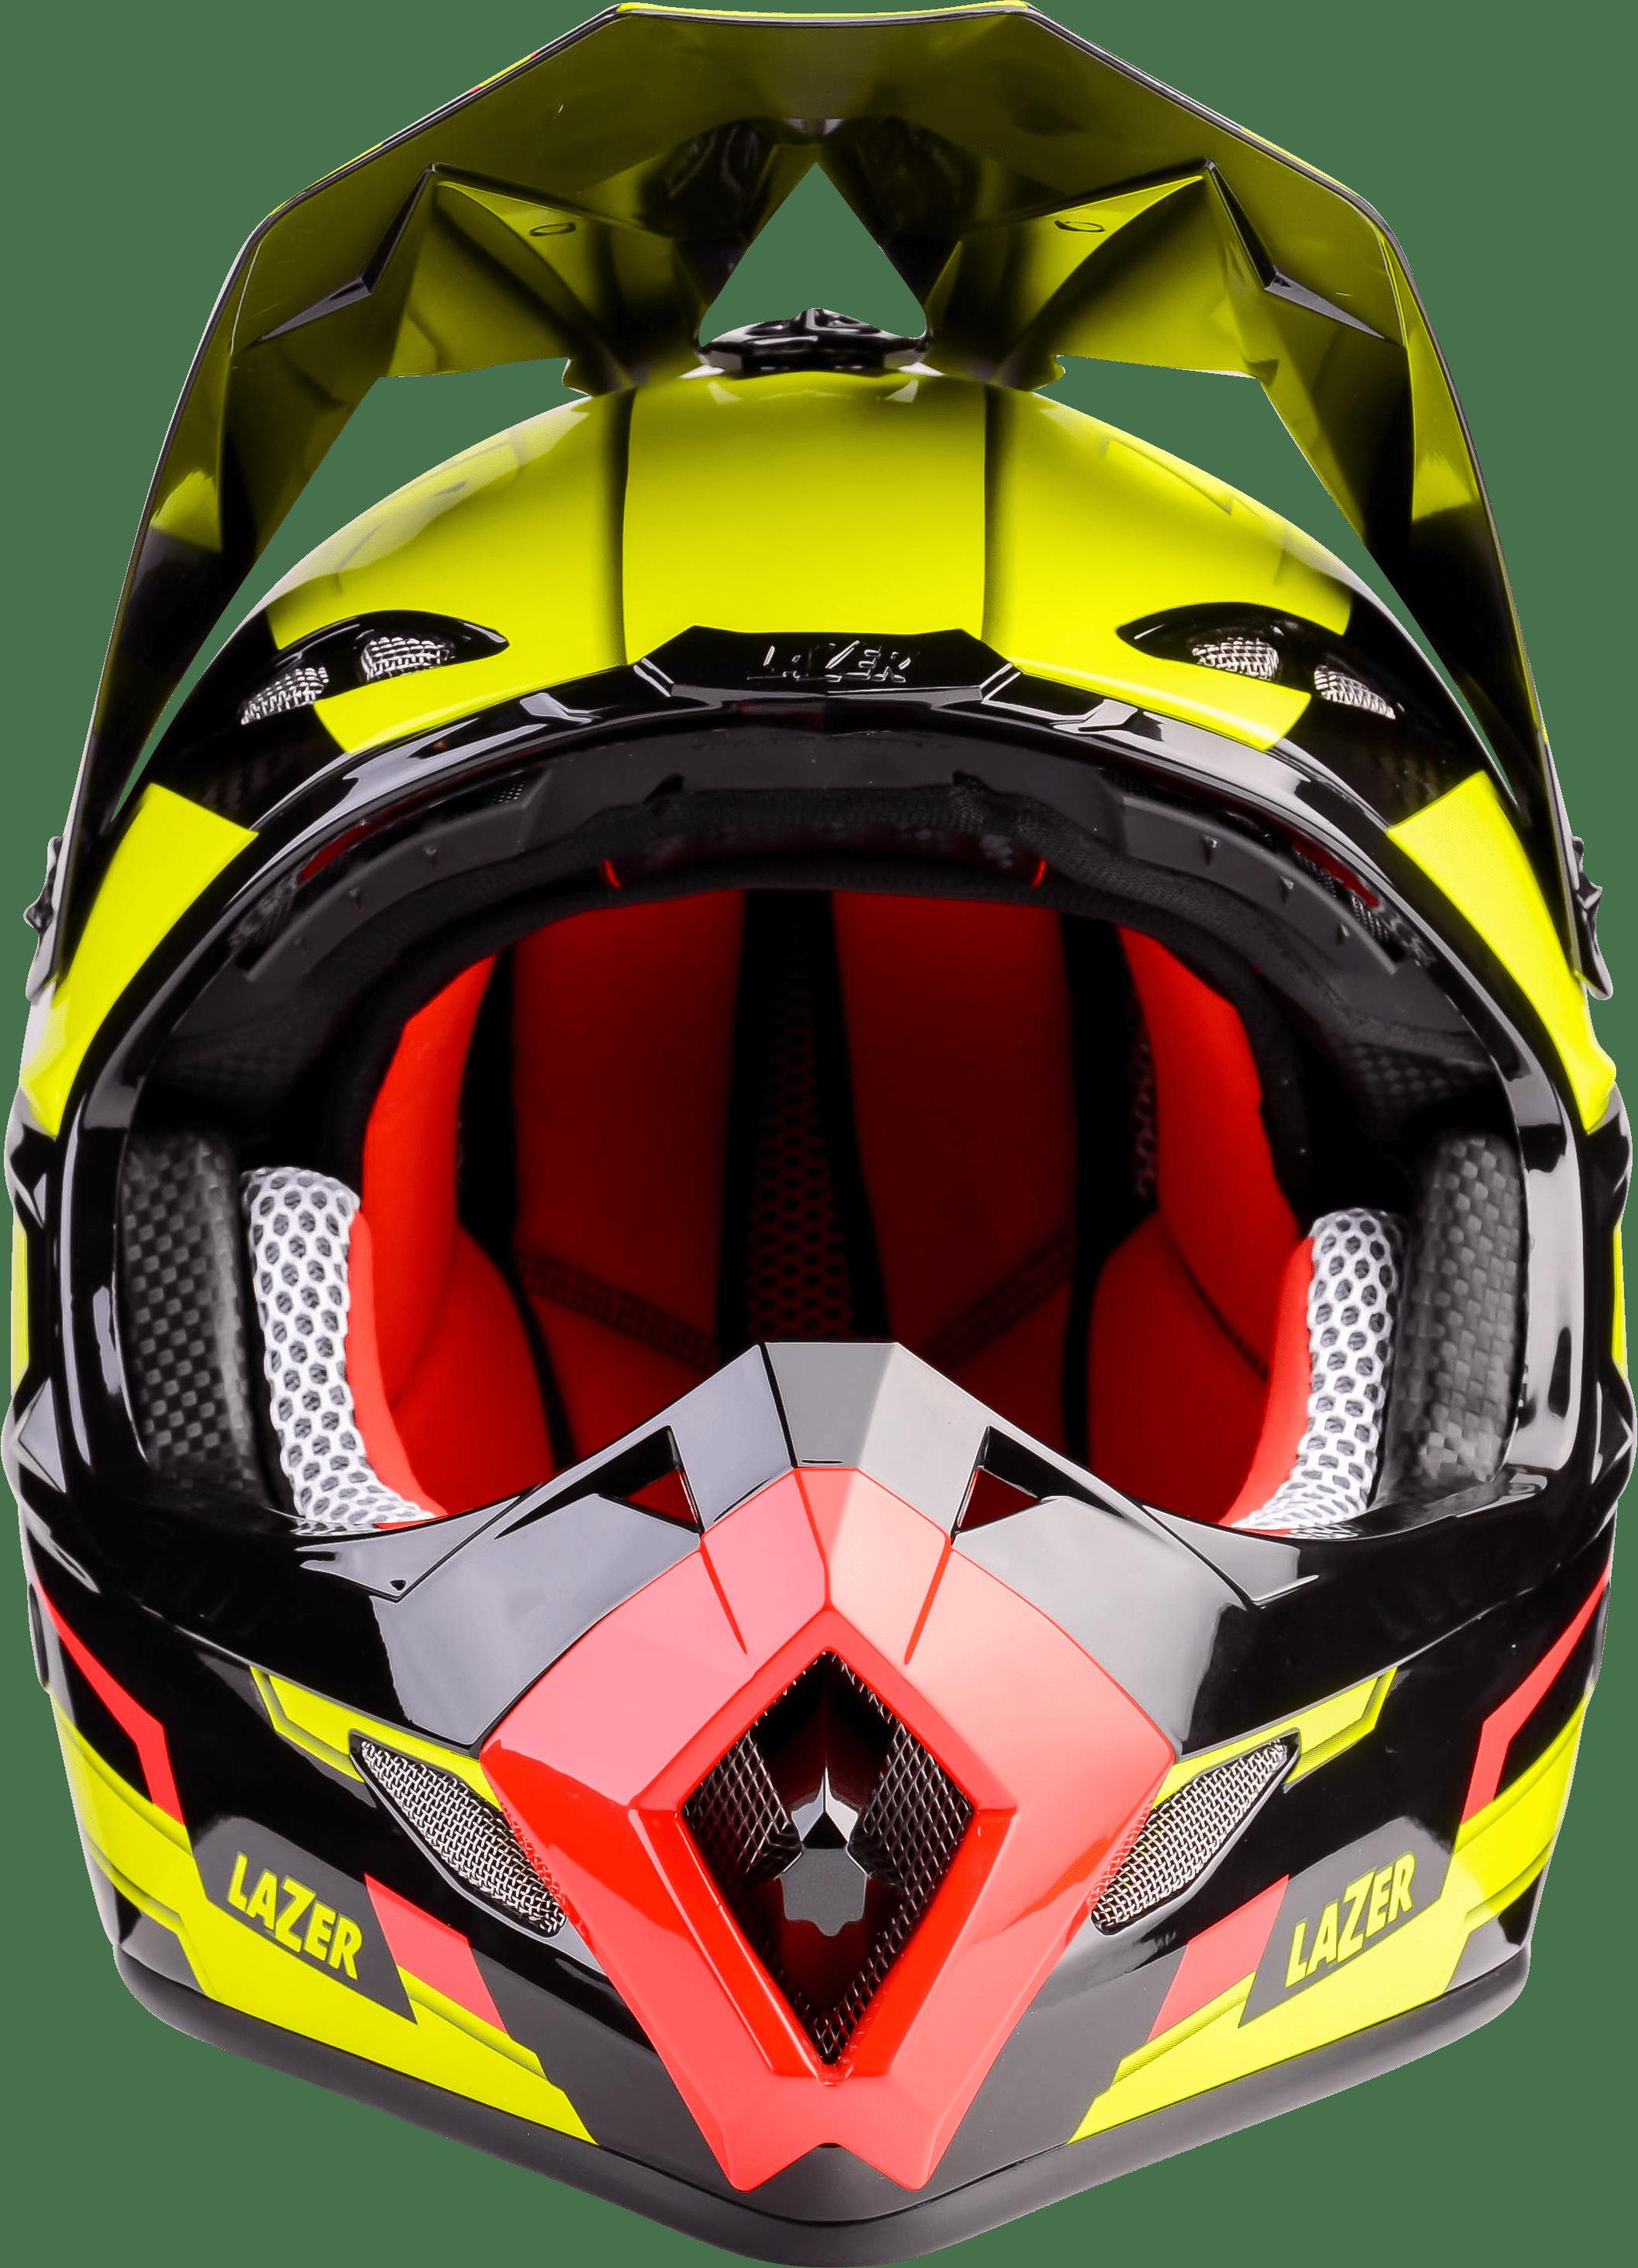 Motorcycle Helmet PNG Transparent Motorcycle Helmet.PNG.